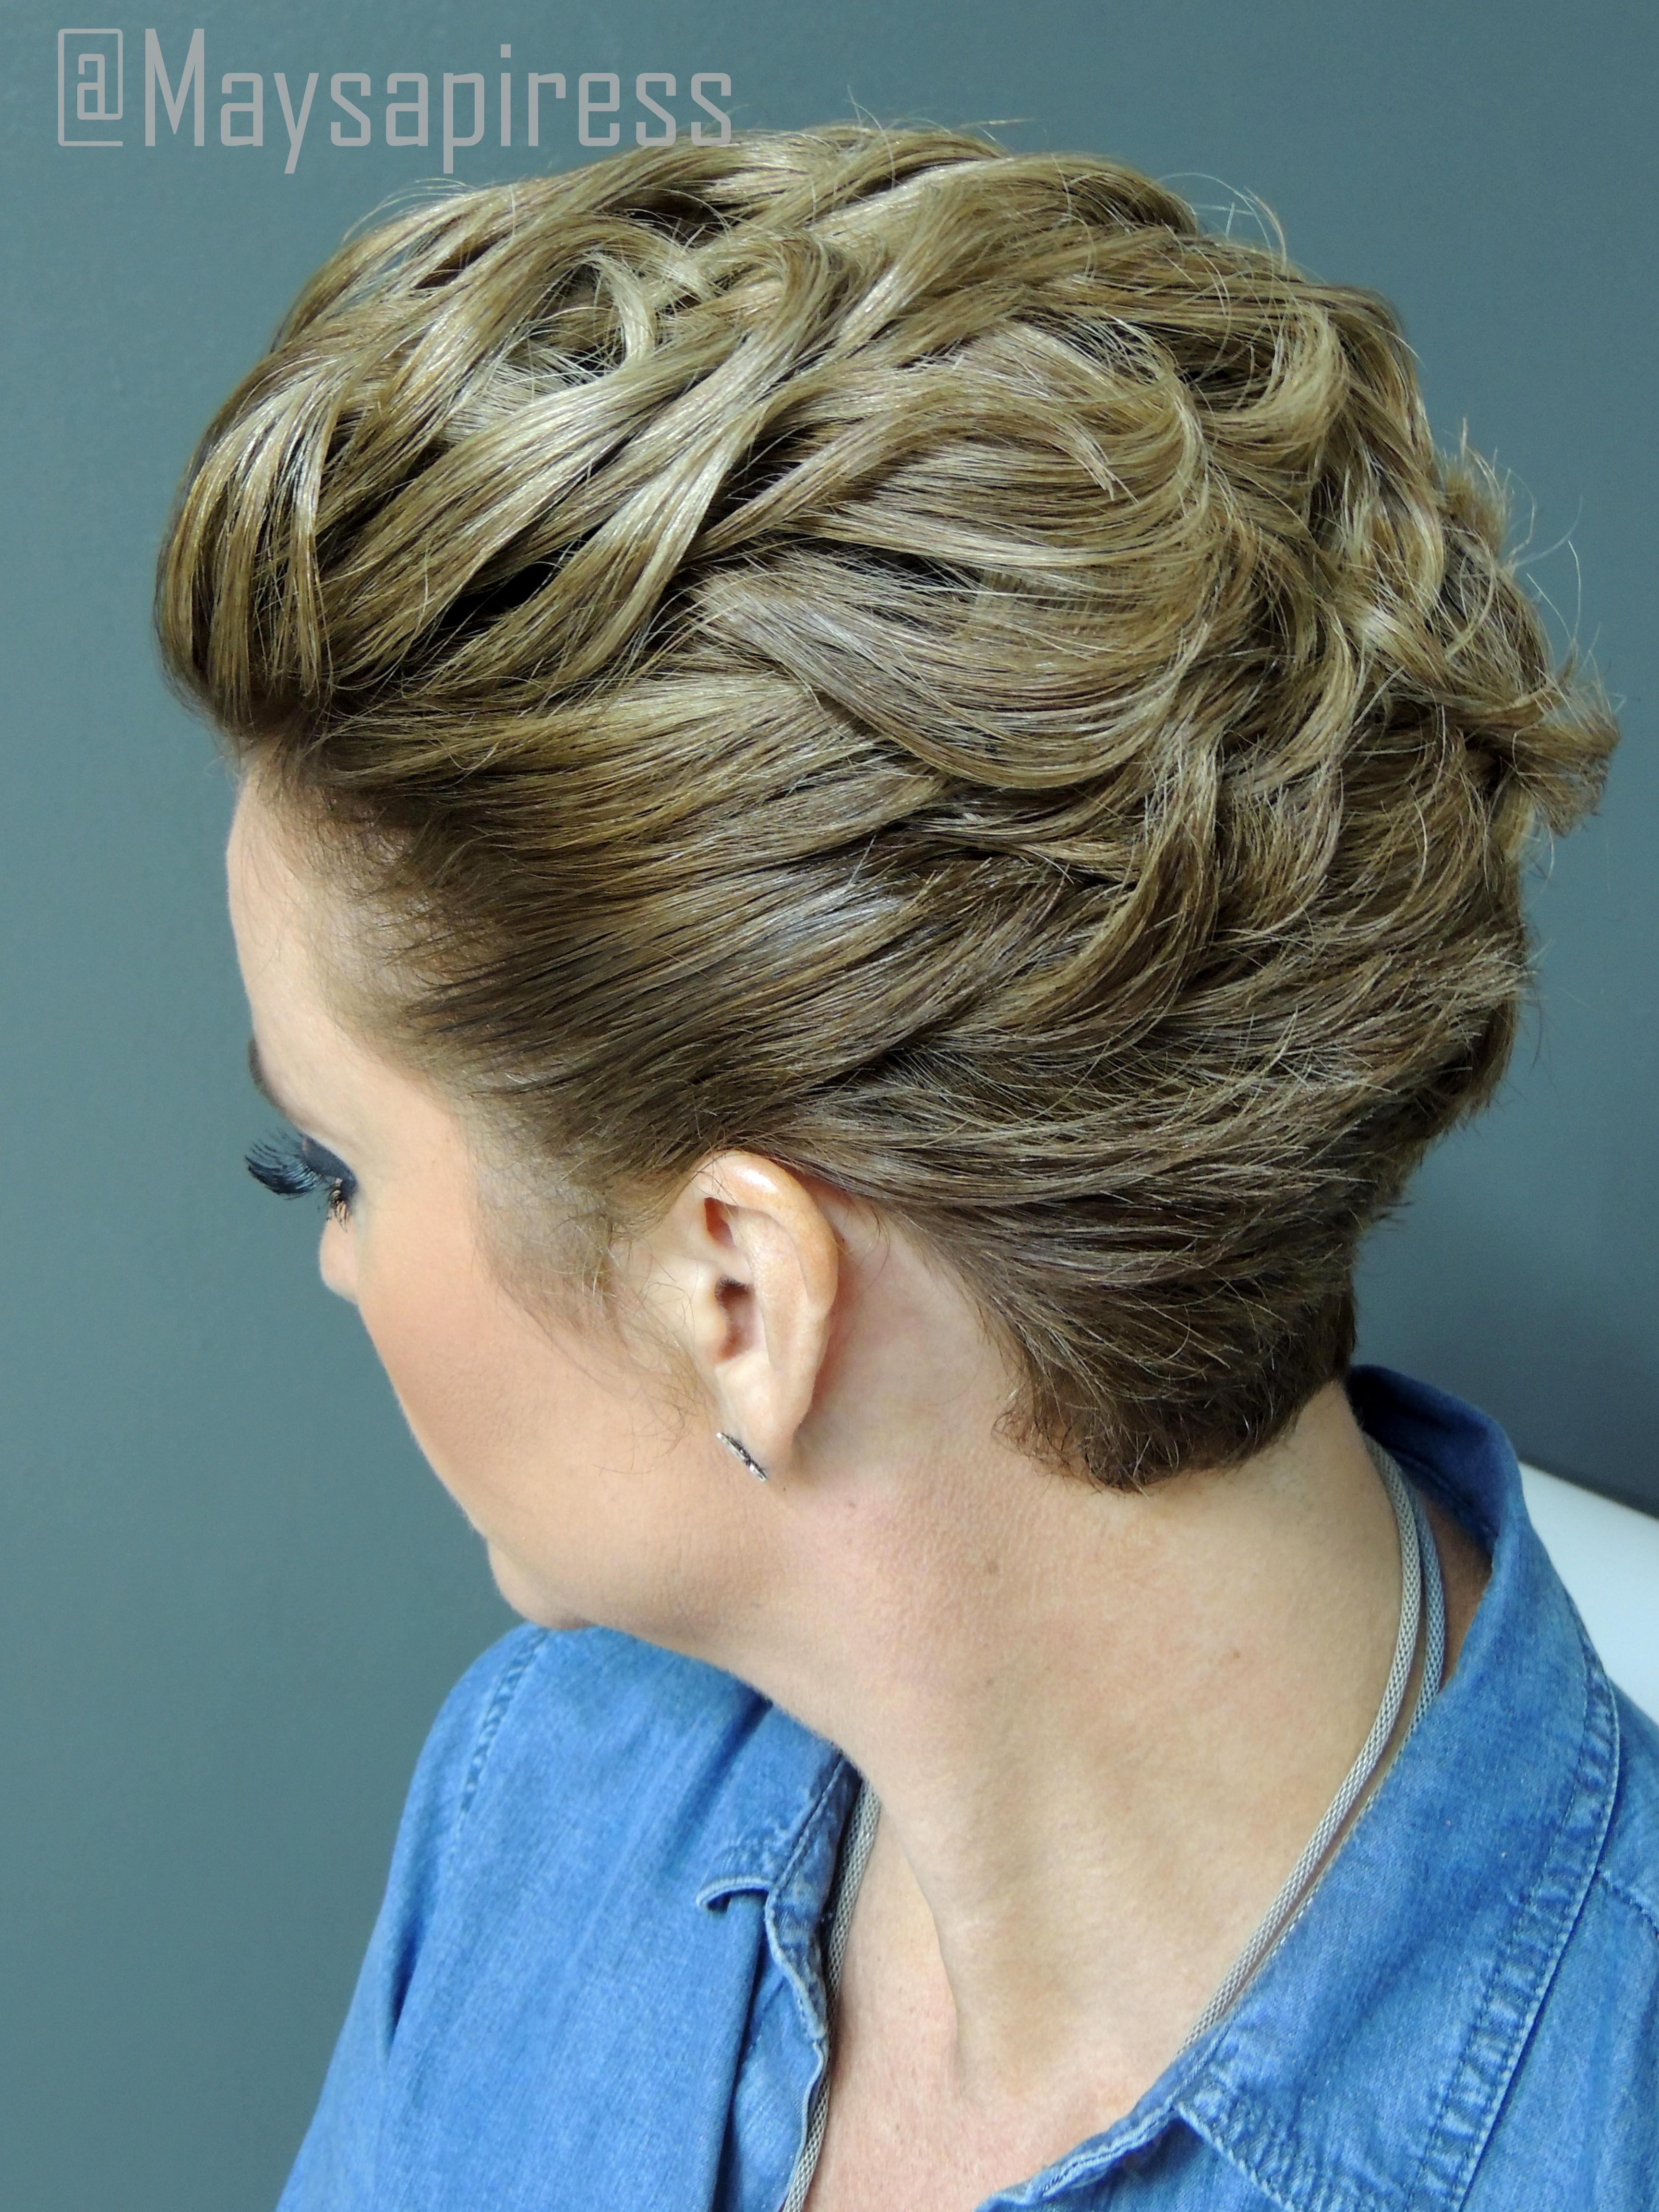 Penteado em Cabelo Curto cabeleireiro(a) stylist consultor(a) em imagem